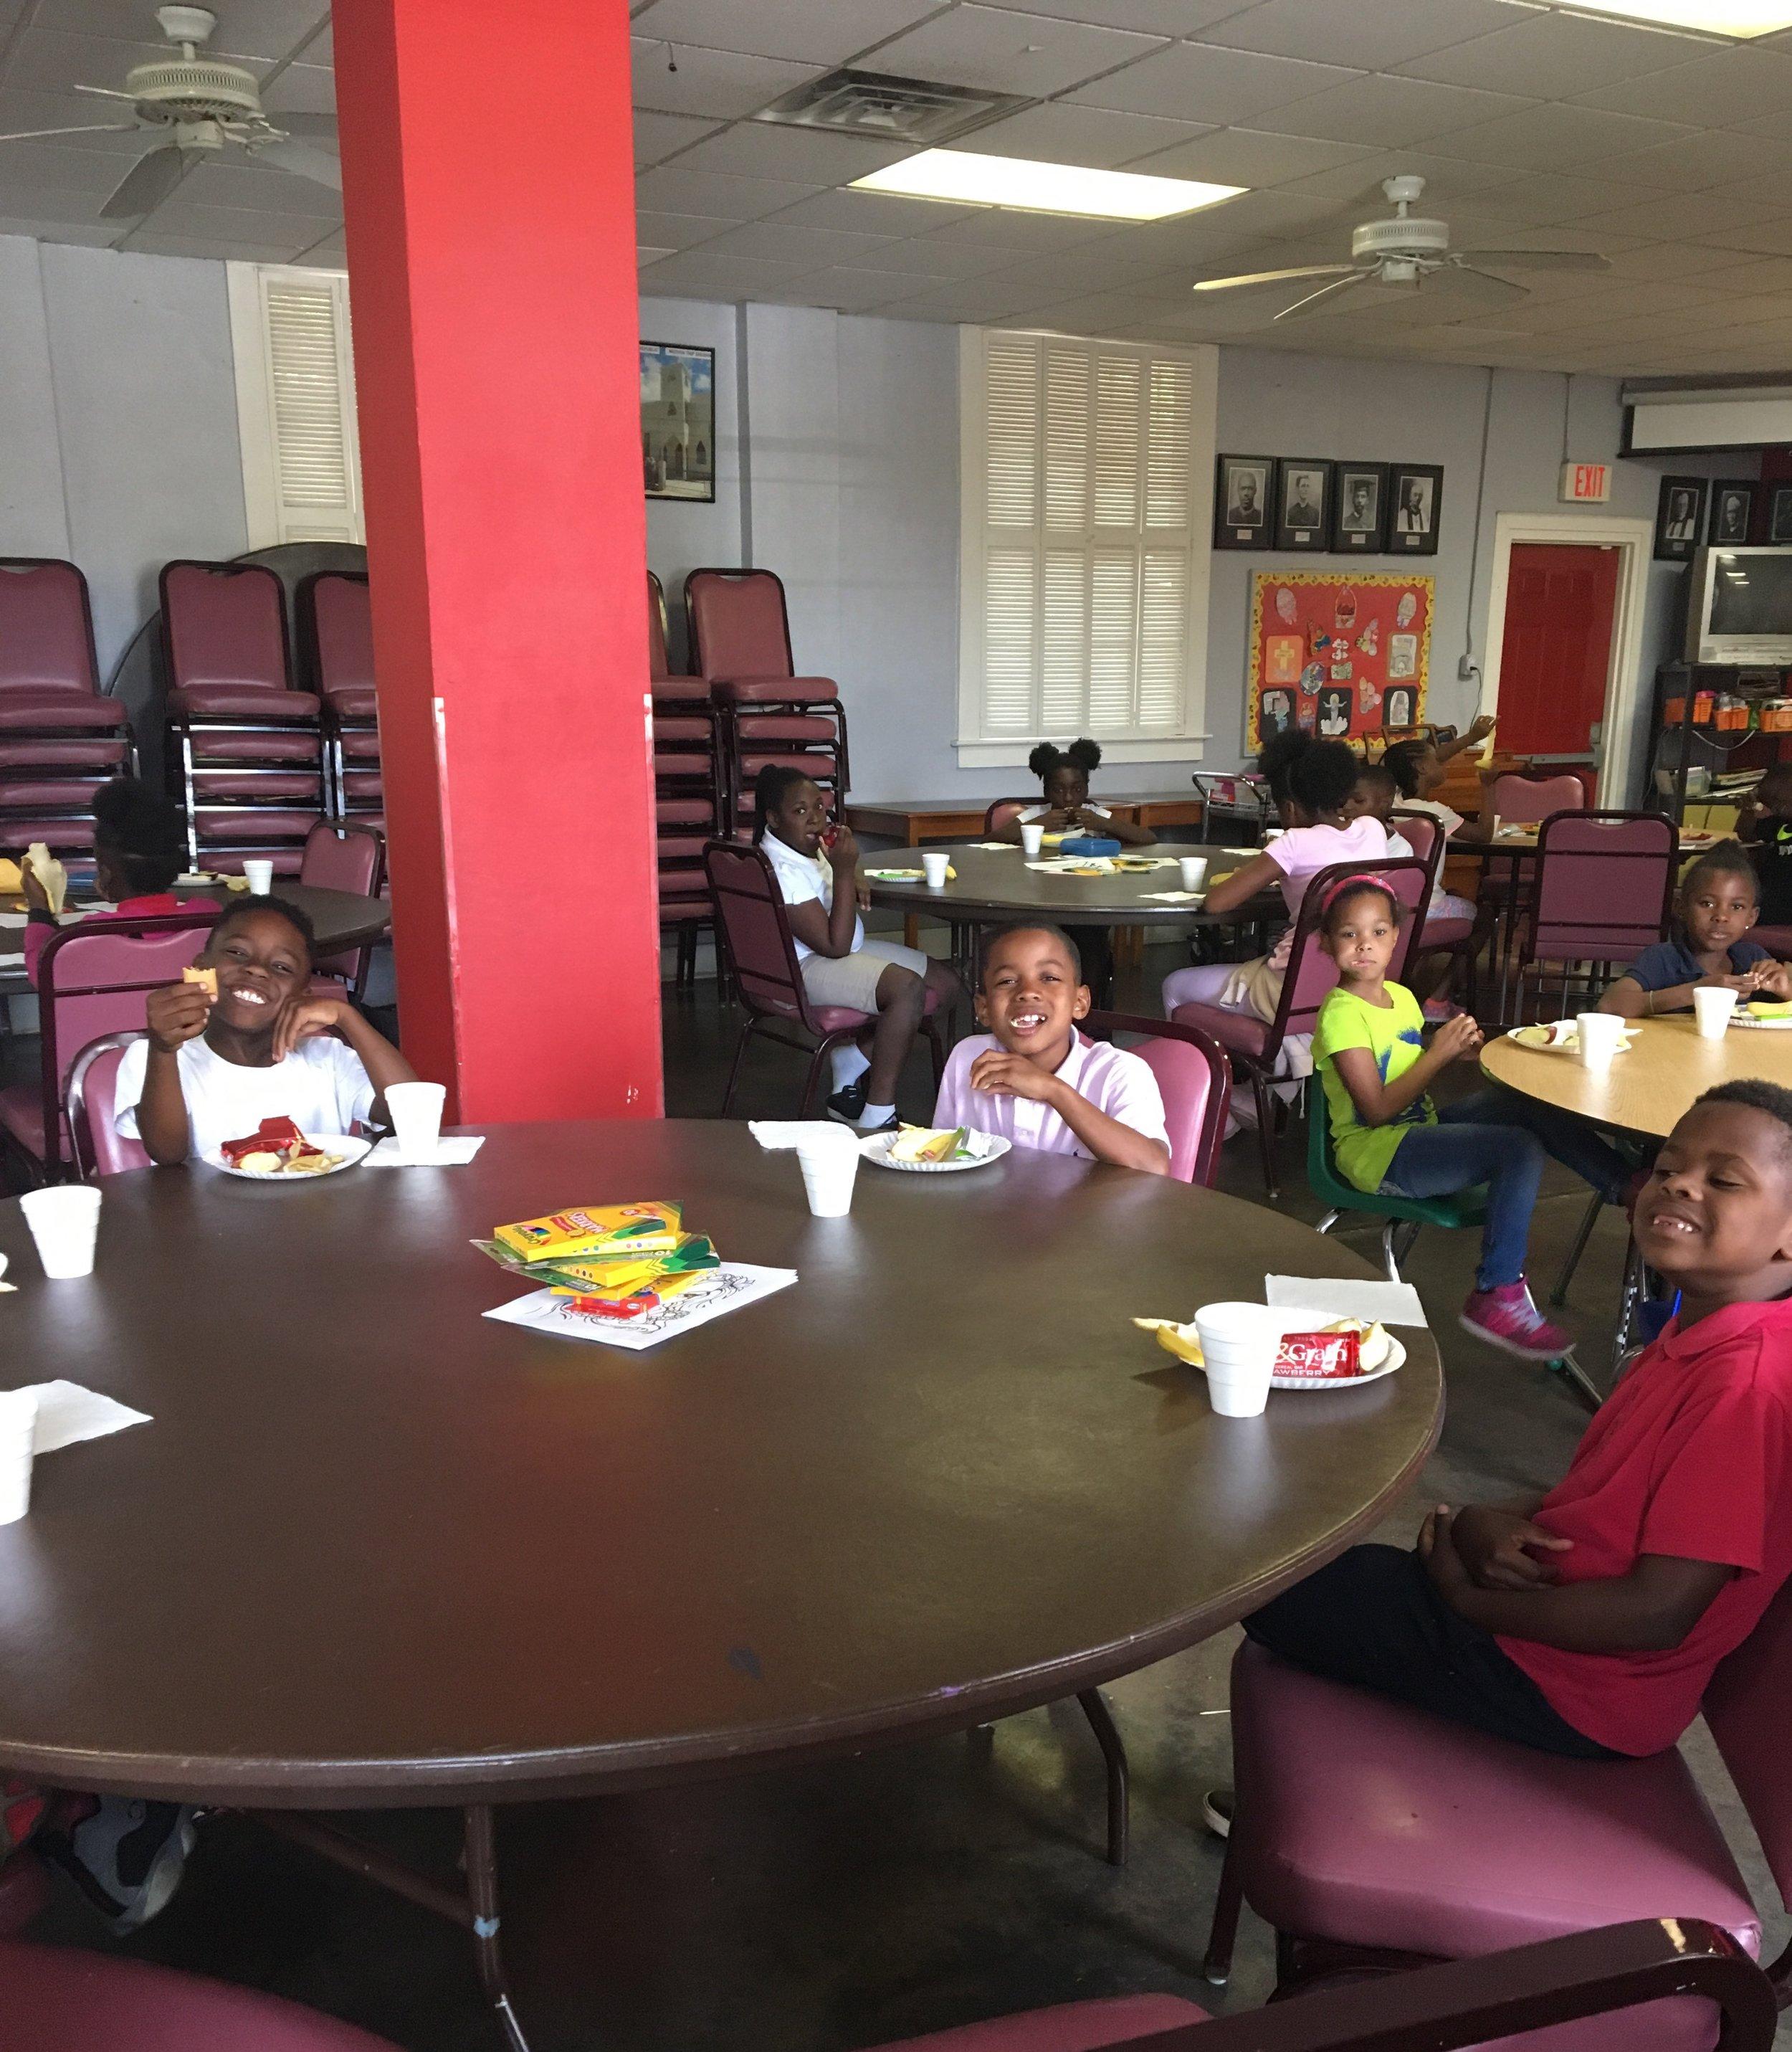 Children at Cornerstone Kids Inc. enjoying their meals.